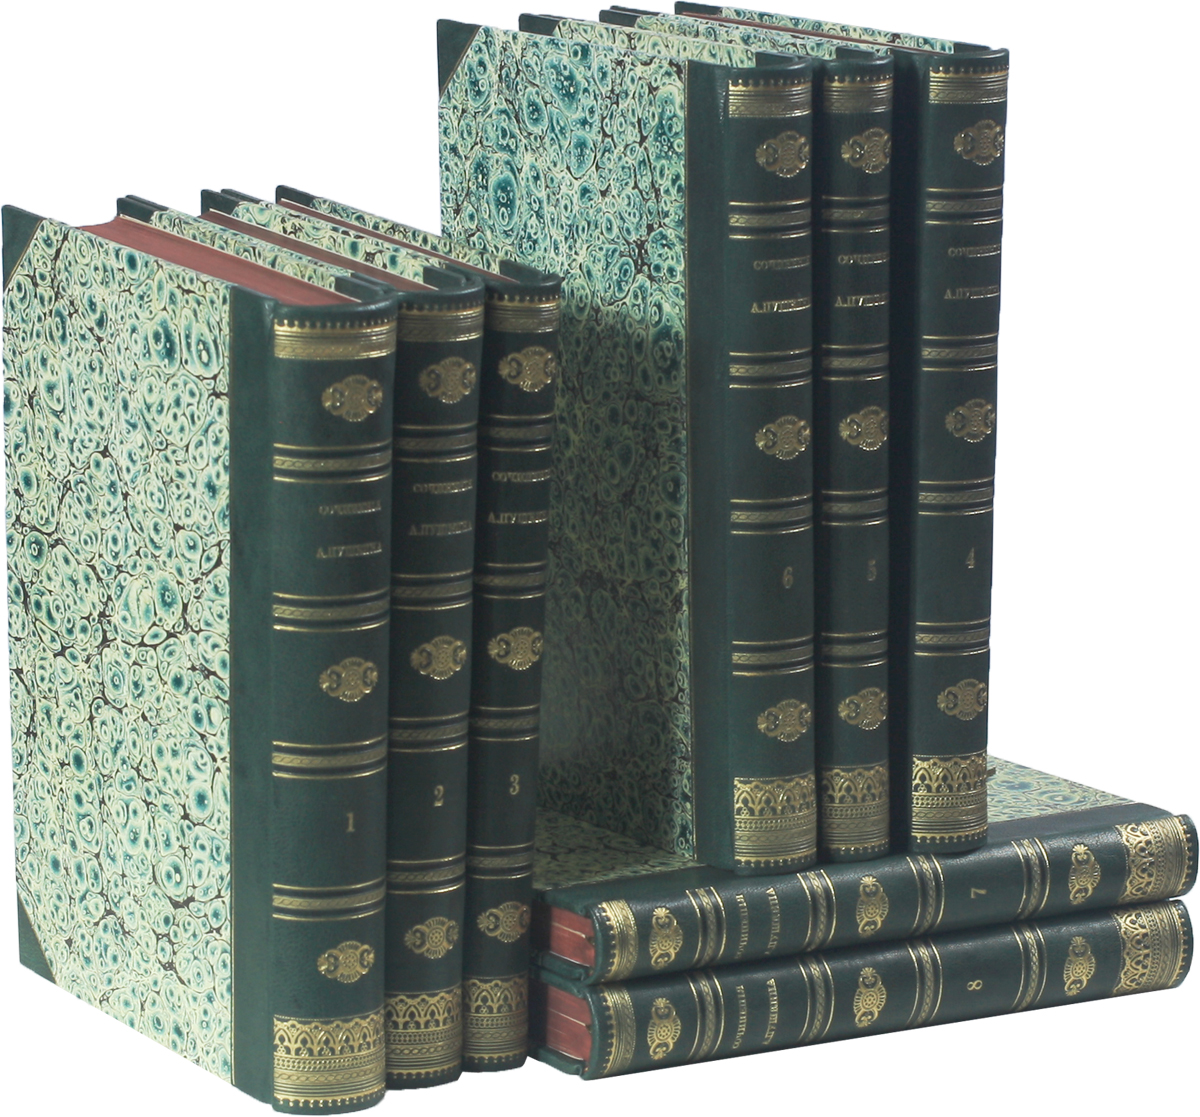 Сочинения Александра Пушкина в 8 томах (комплект из 8 книг) destiny 2 коллекционное издание xbox one